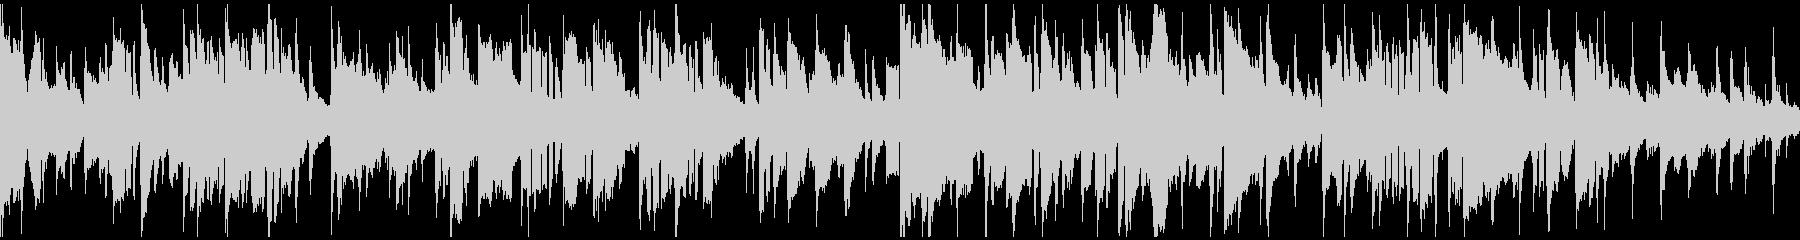 サックス生演奏の都会的バラード※ループ版の未再生の波形